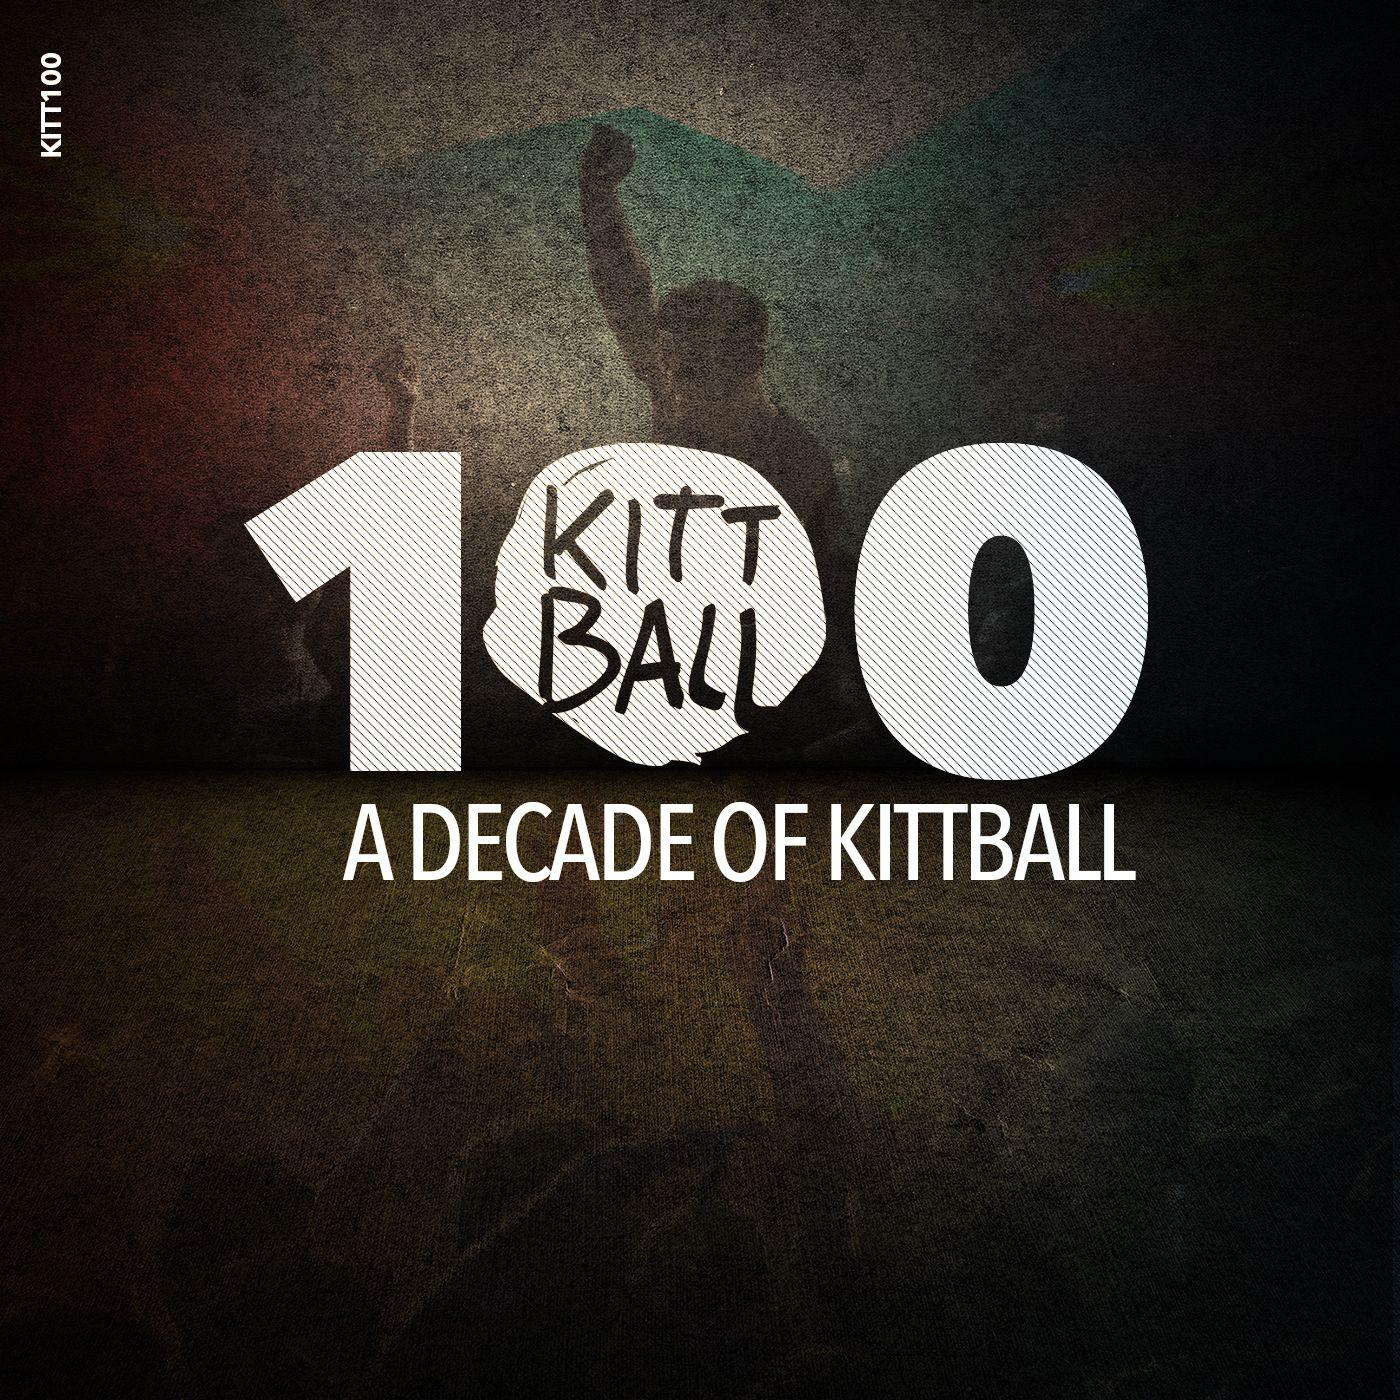 packshotvariousartists-adecadeofkittball-kittballrecords.jpg